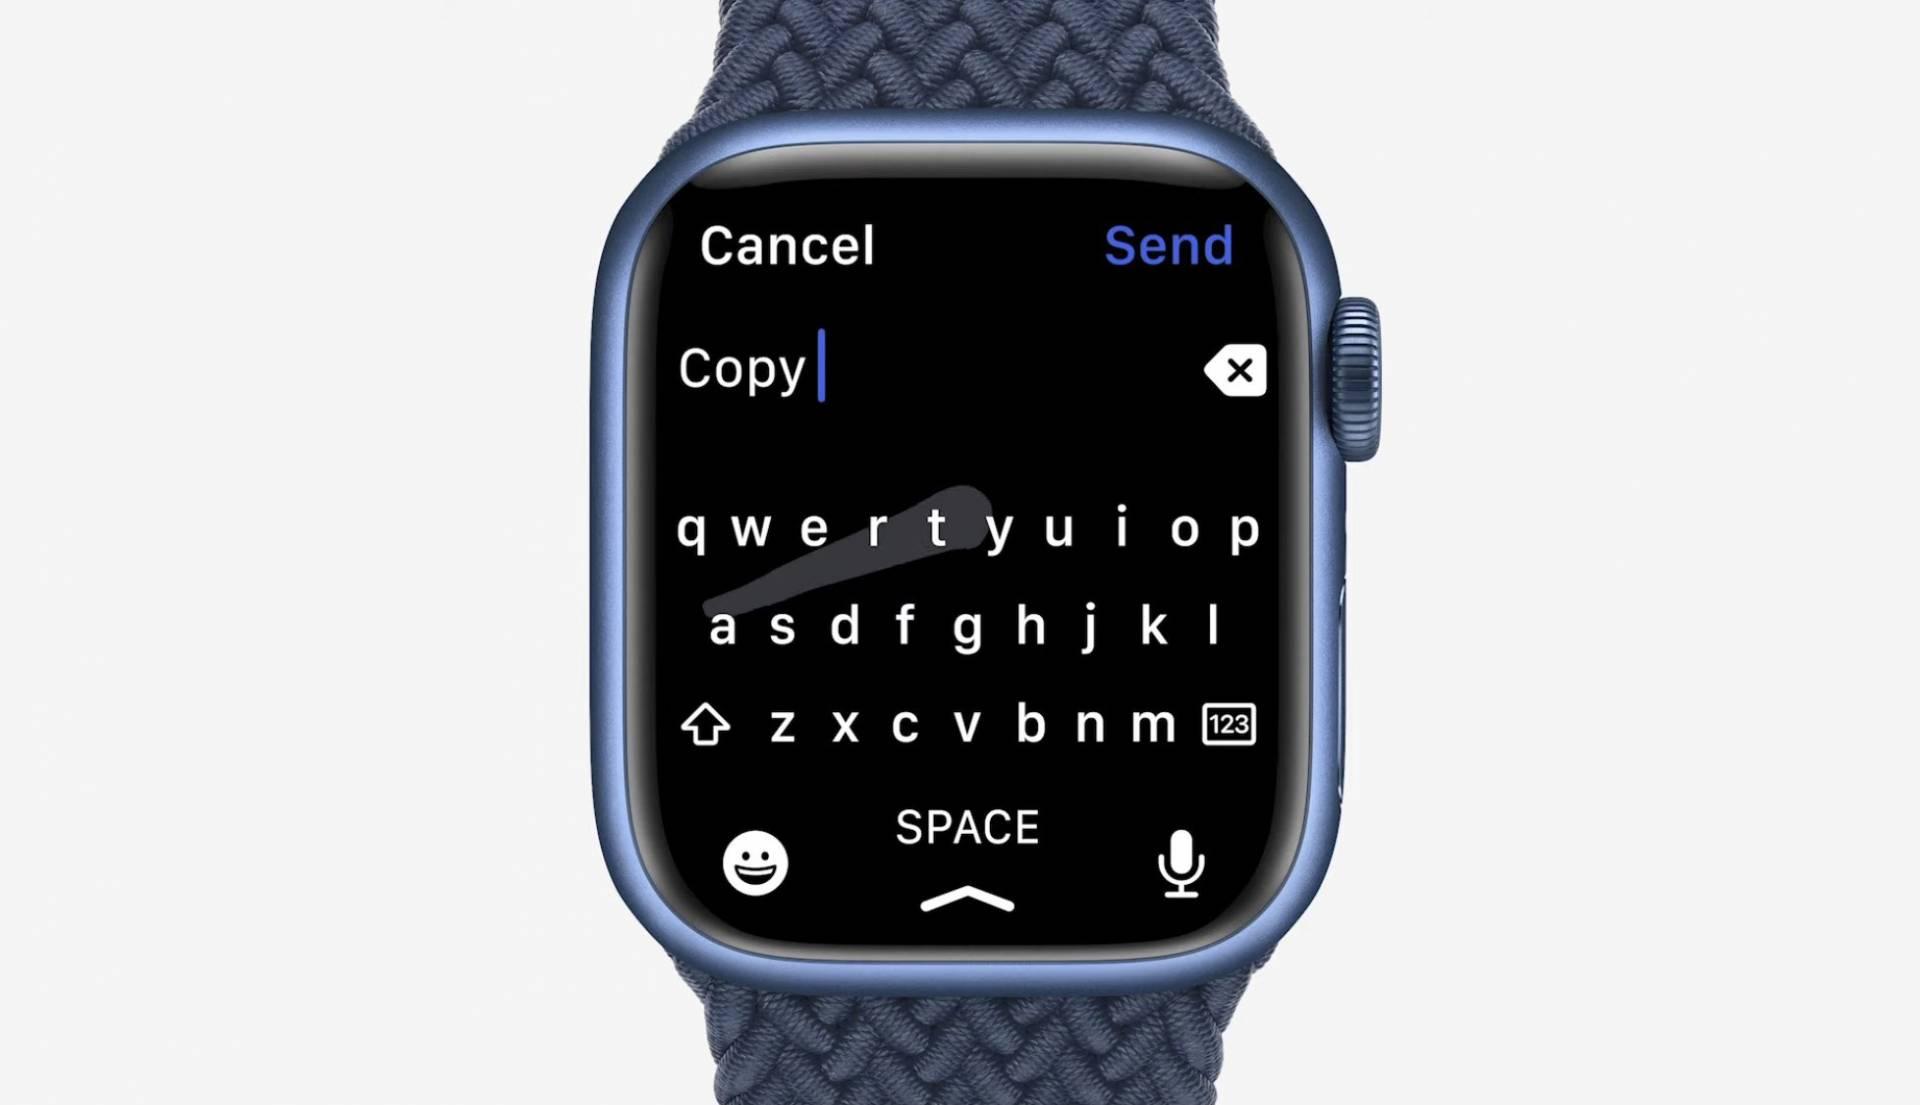 Apple Watch keyboard